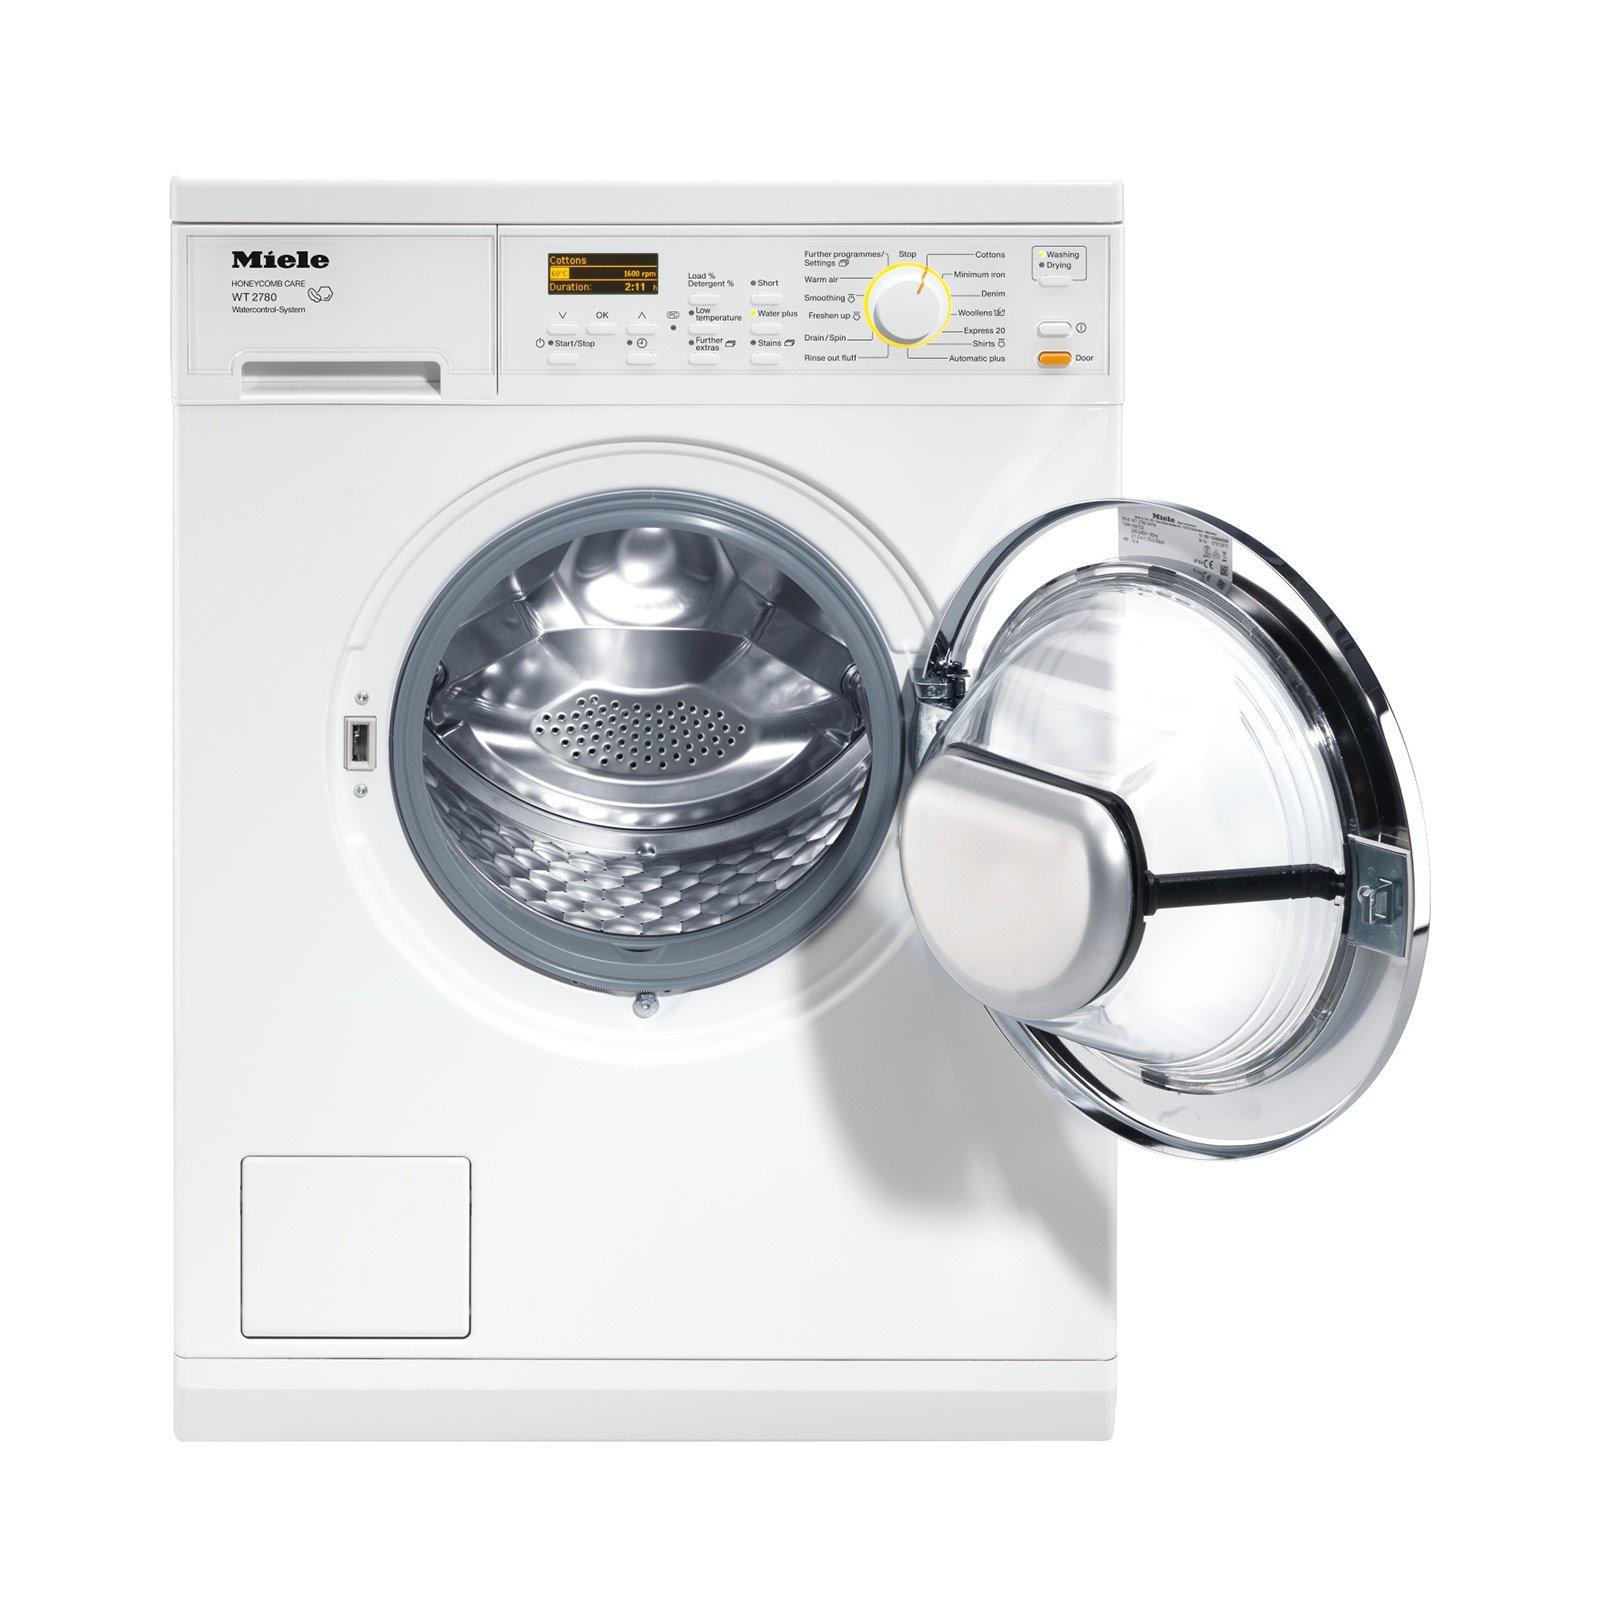 lavasciuga due elettrodomestici in uno a tutti gli